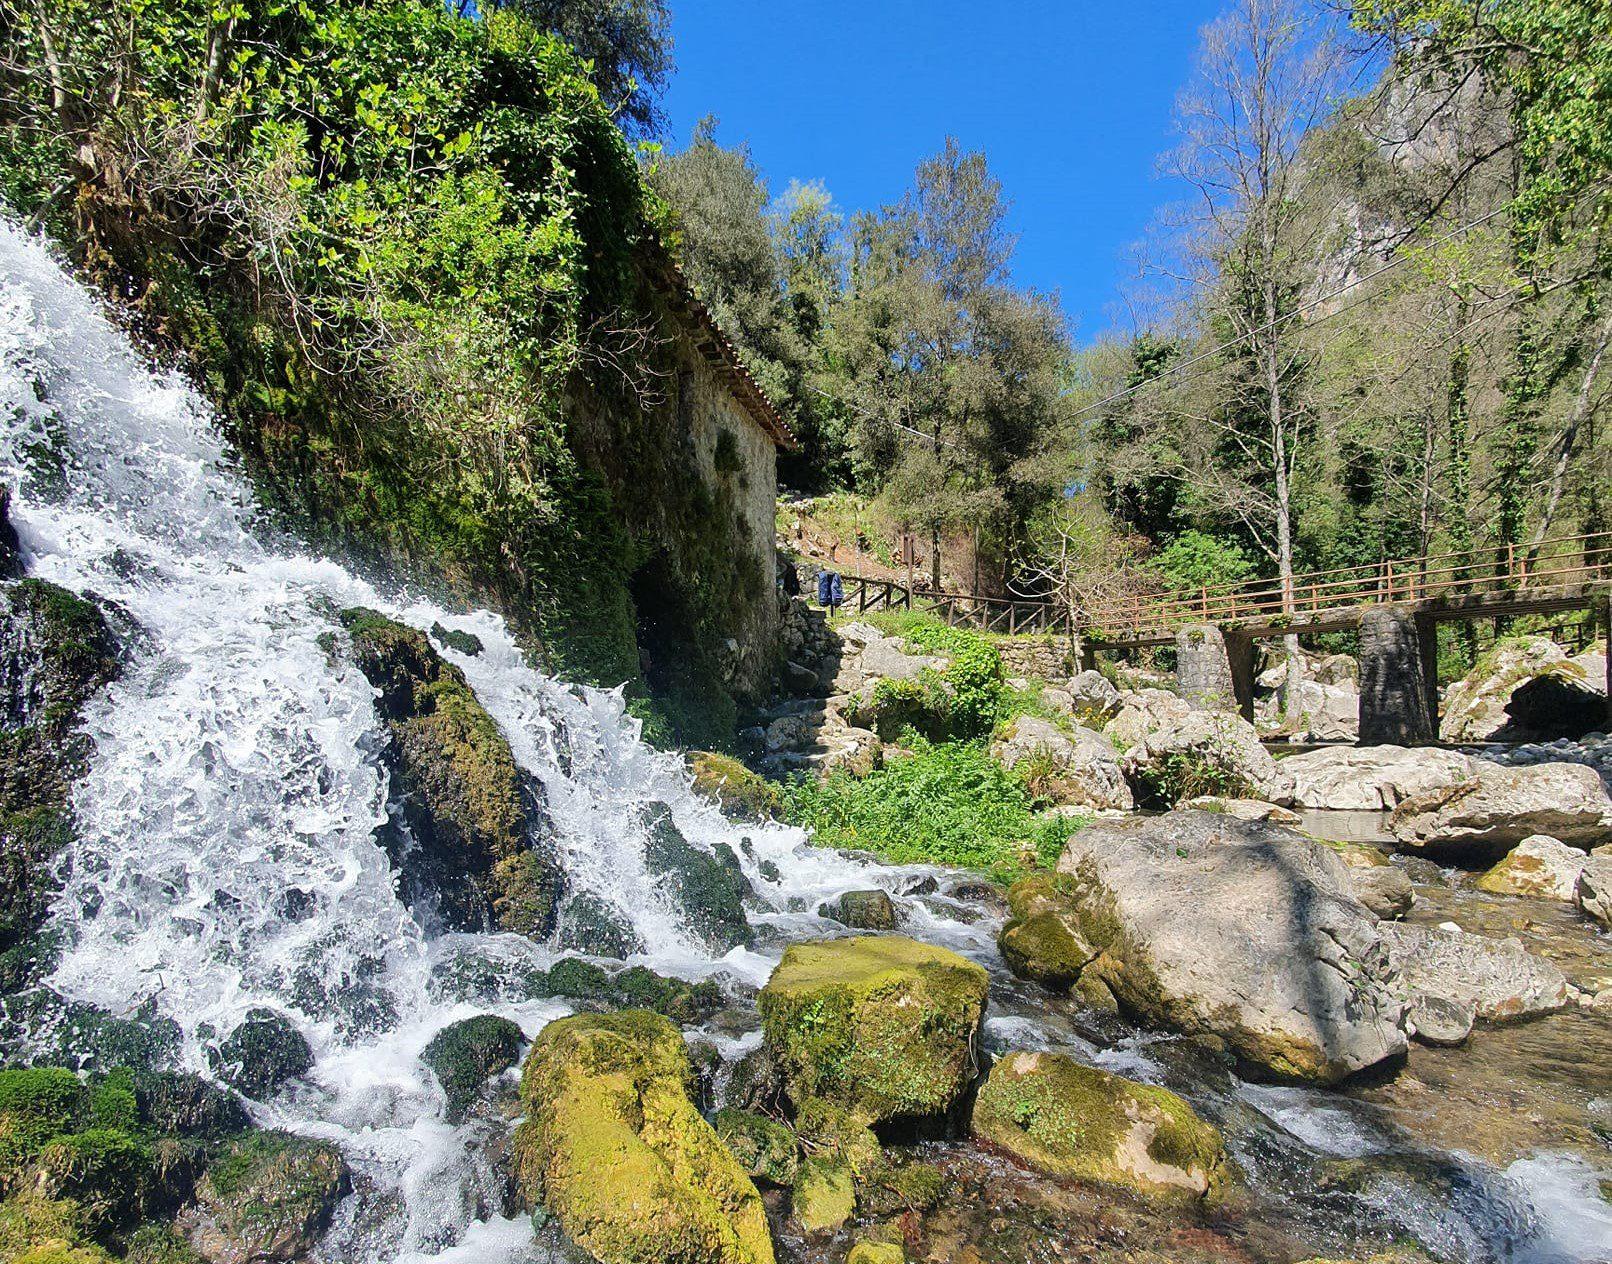 Natura e bellezza, riapre l'Oasi Wwf di Morigerati